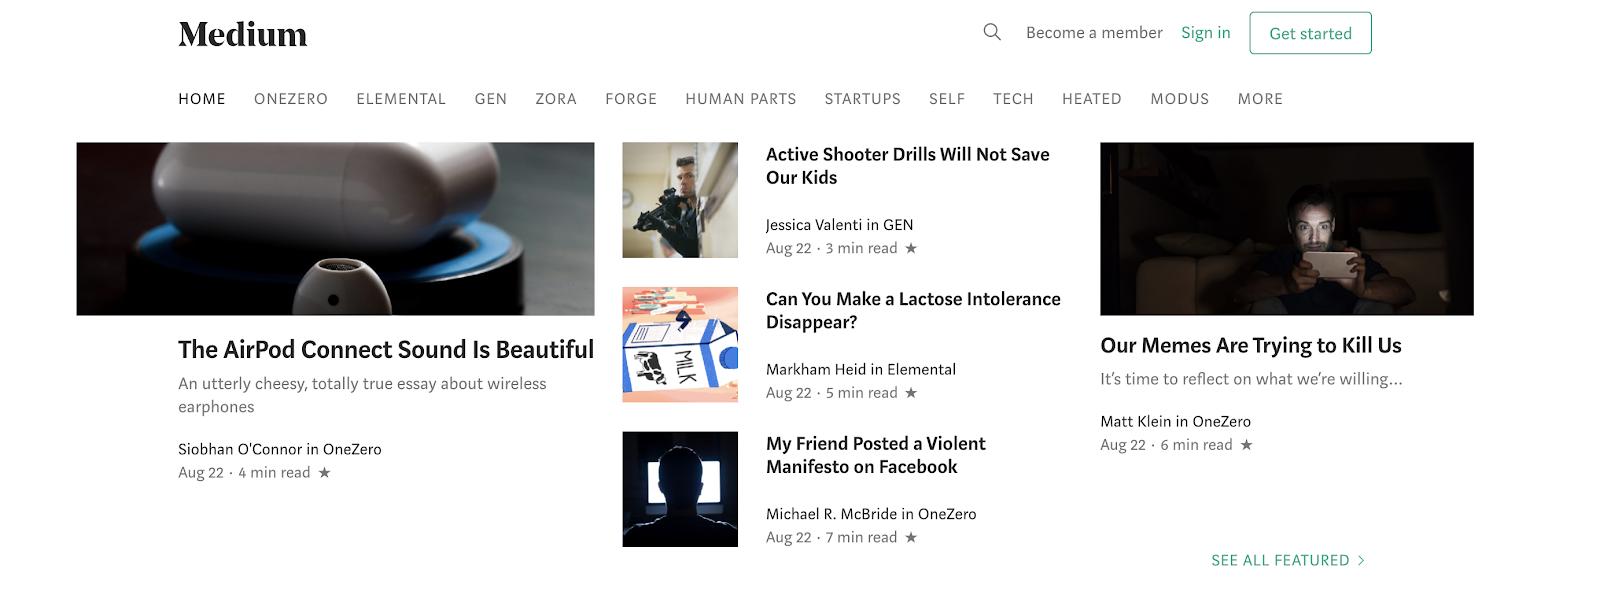 Medium como un sitio de blogs gratuito para comenzar a usar hoy